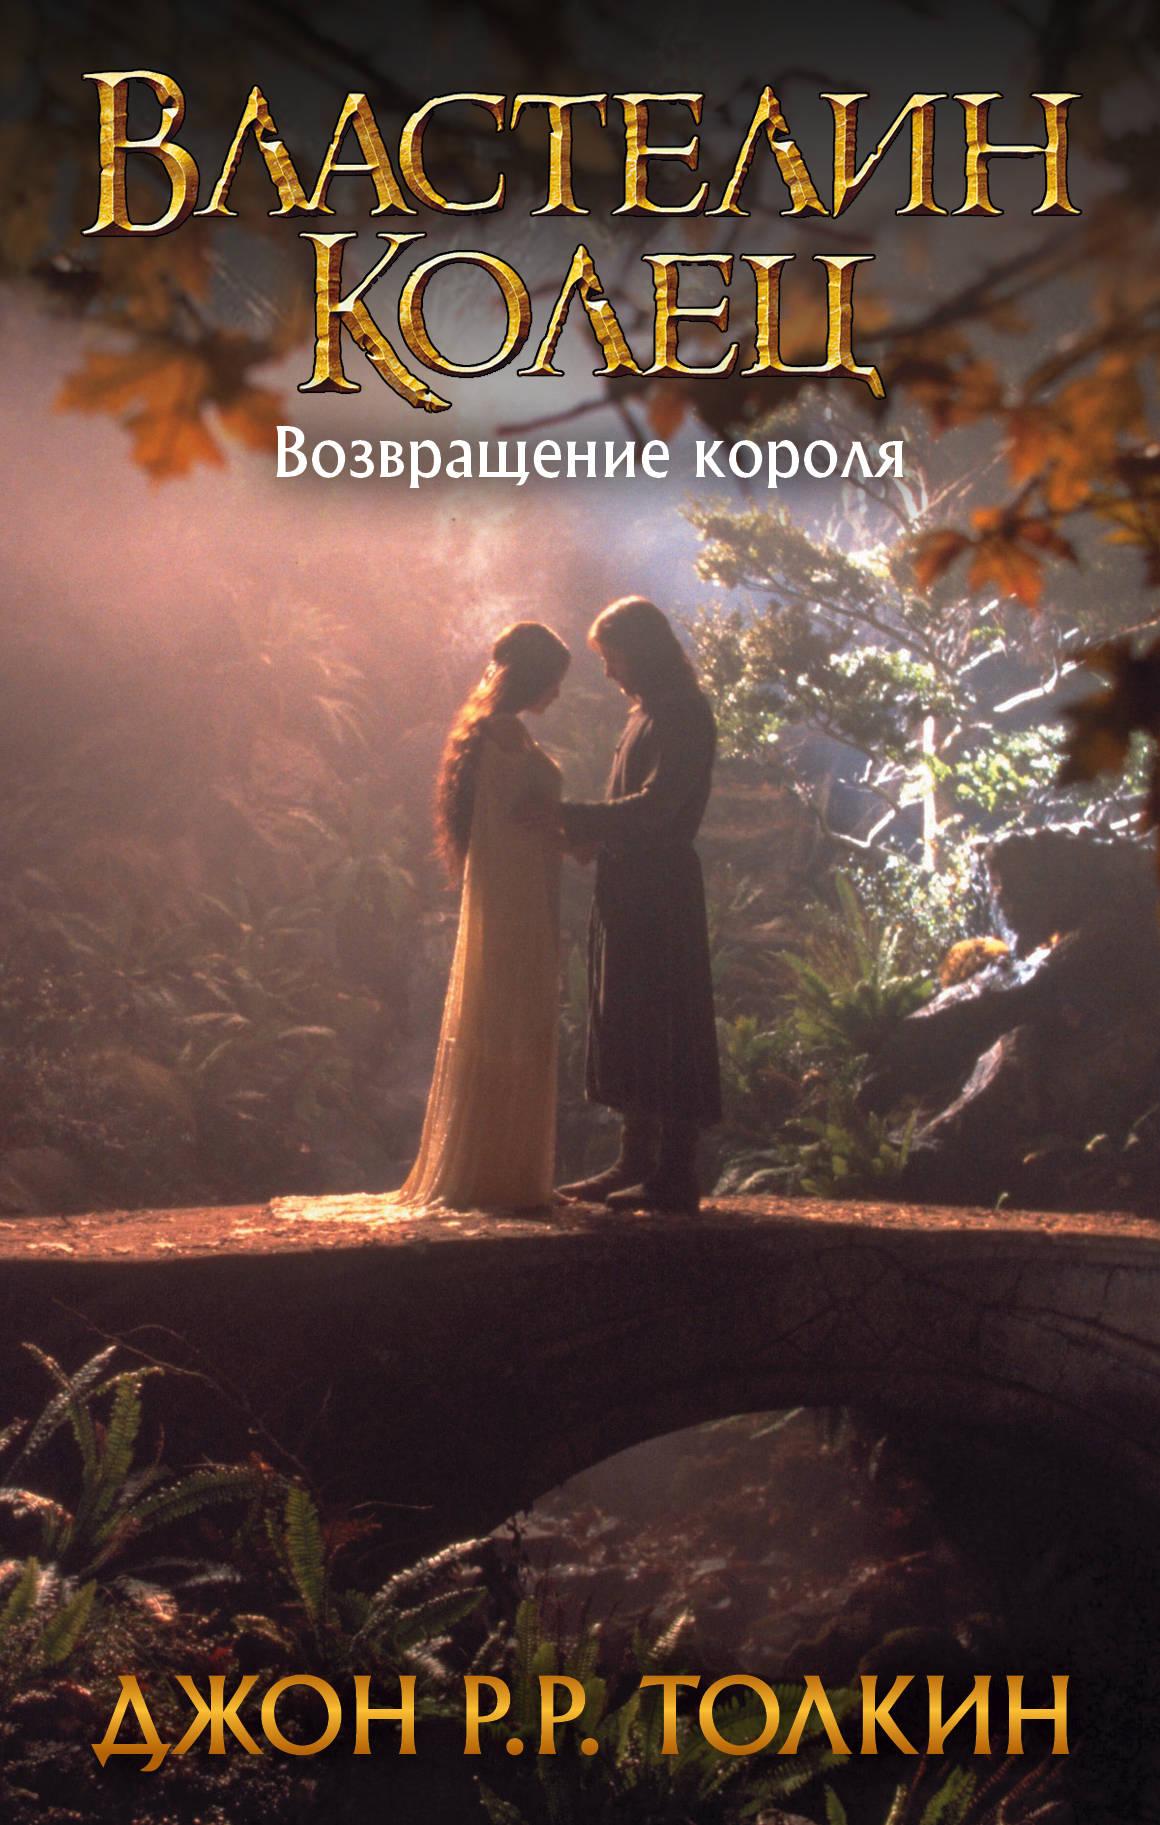 ВЛАСТЕЛИН КОЛЕЦ ДЖ Р Р ТОЛКИН СКАЧАТЬ БЕСПЛАТНО